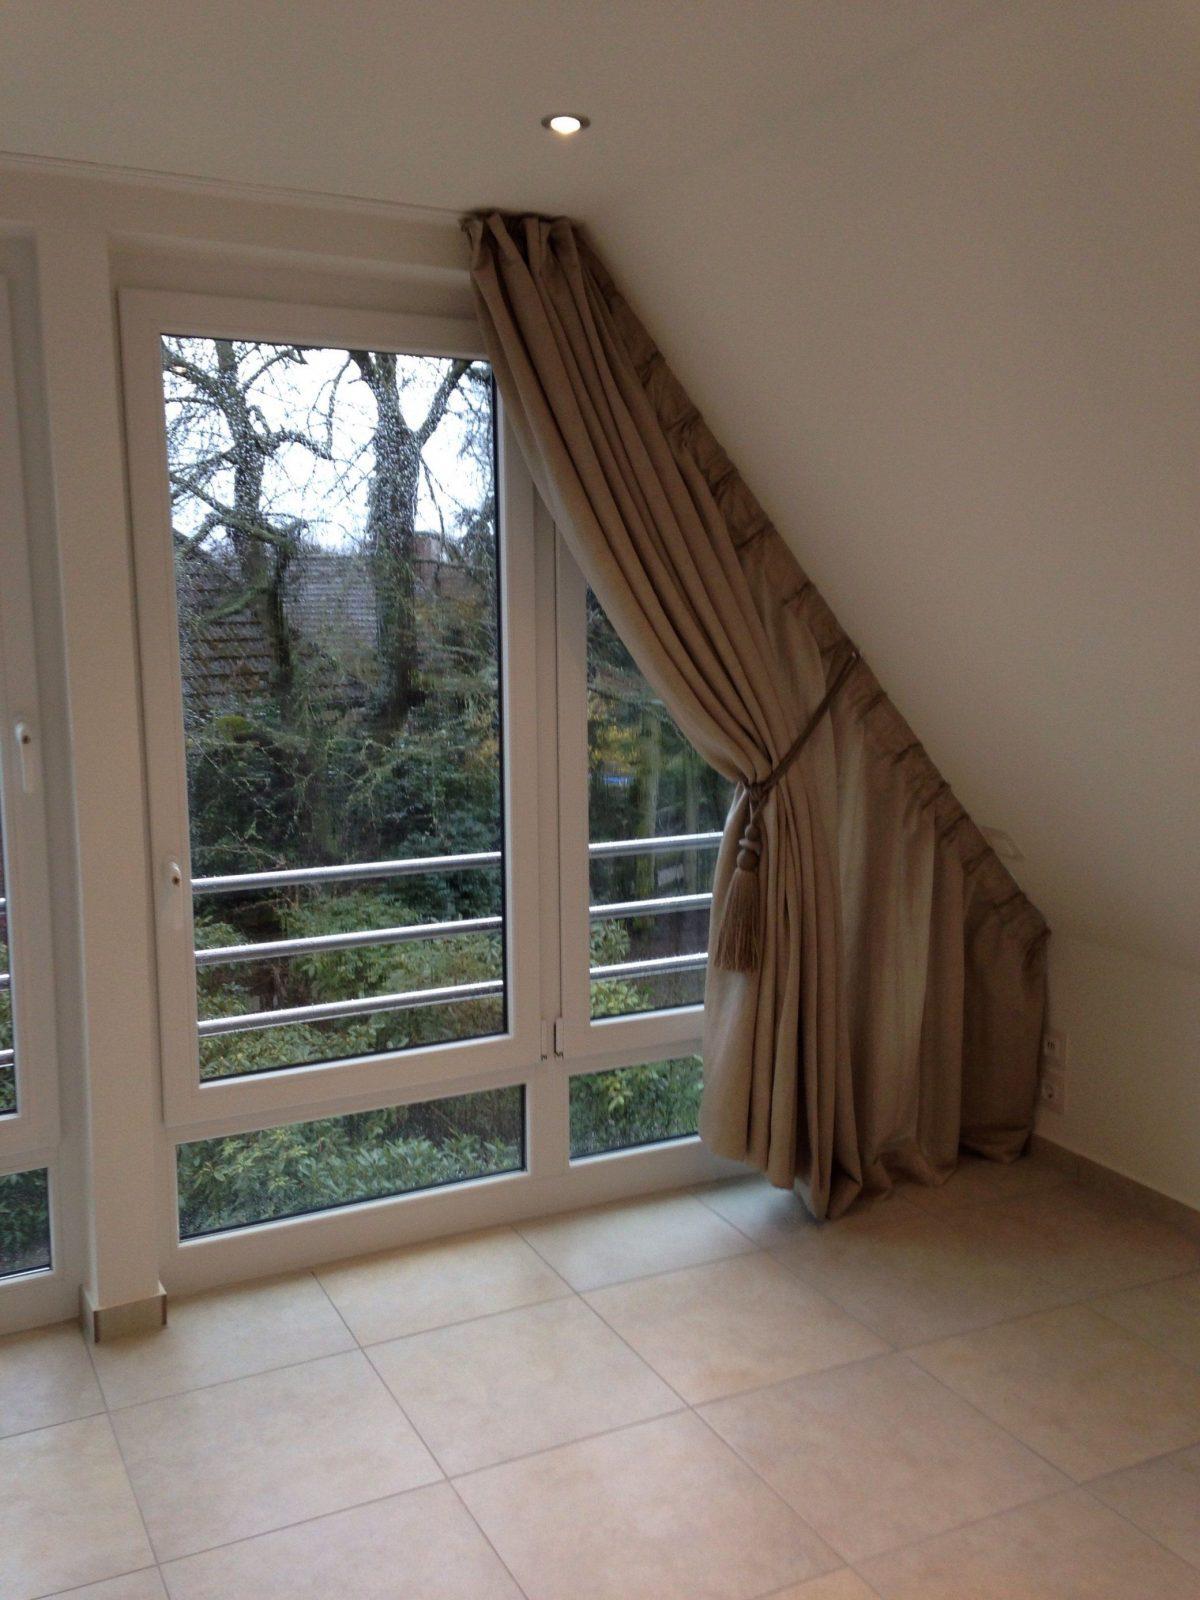 Wir Bekommen Auch An Ihre Dachschräge Einen Vorhang Dran  Vorhänge von Gardinen Für Giebelfenster Bild